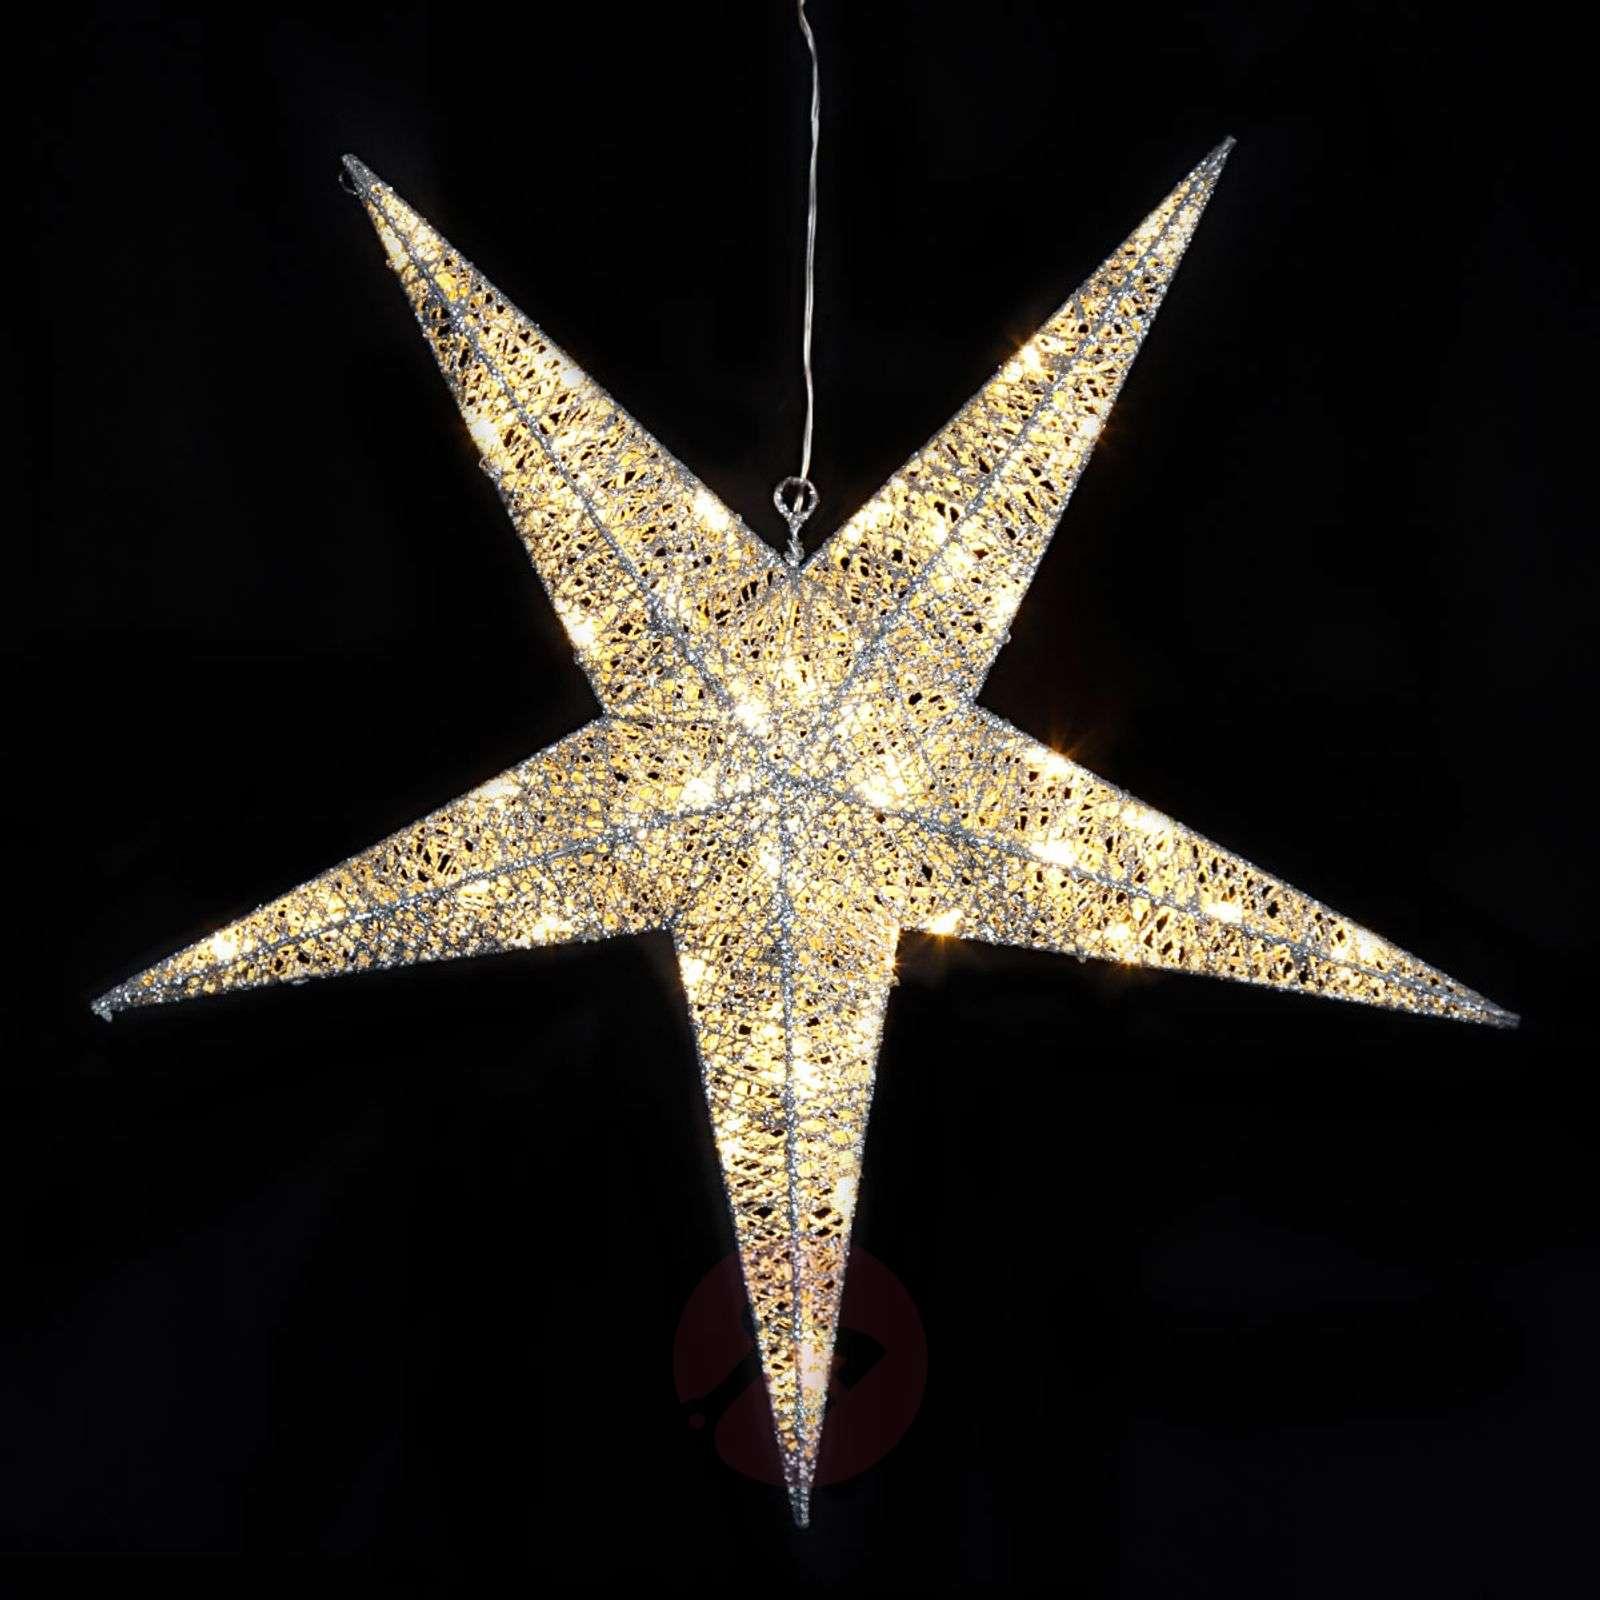 Riippuva tähti Sequini LED-koriste ulkotiloihin-1523471-01